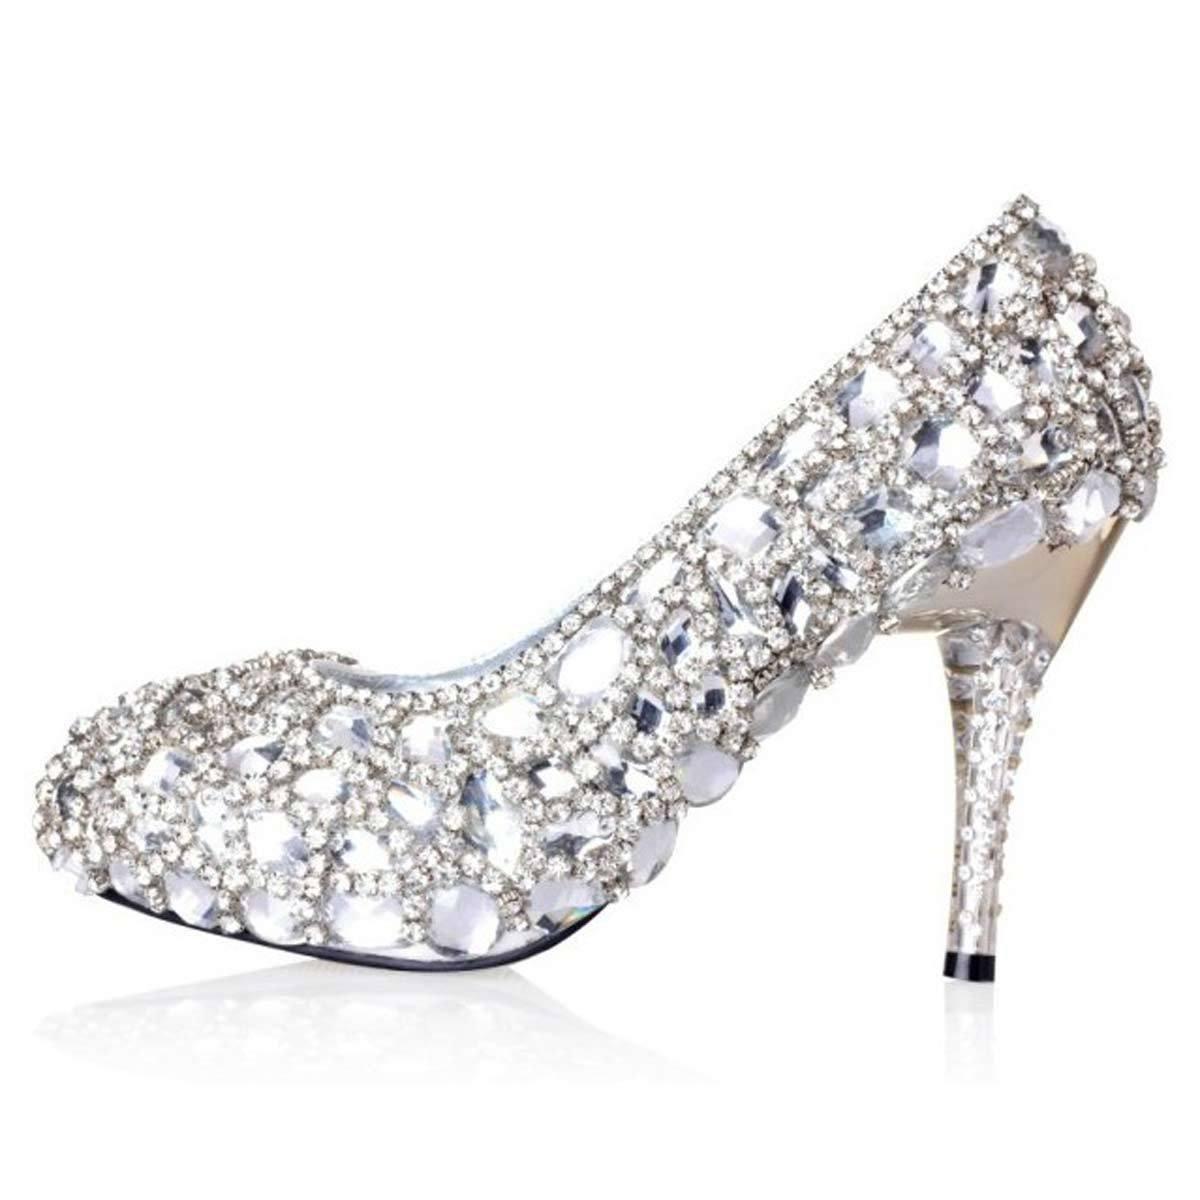 صلةخواتم الماس سوداءمجوهرات الماس بتصاميم ملكيةاحذية زفاف كريستيان لوبوتان لعام